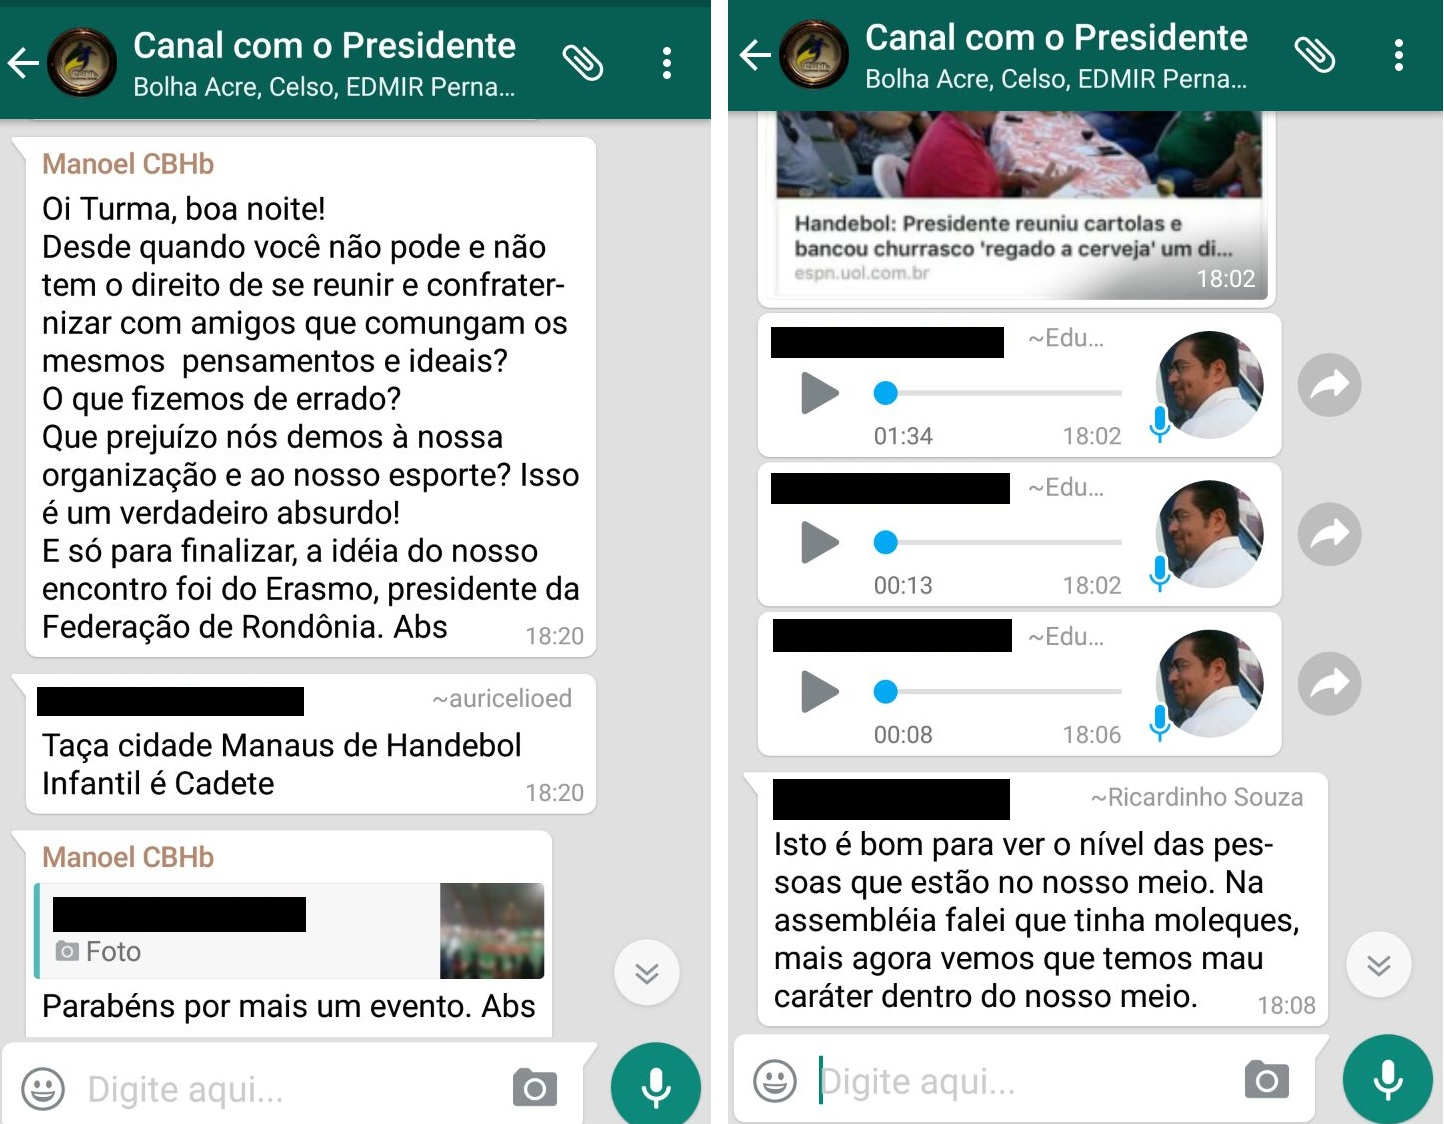 Presidente da CBHb mandou mensagem em que falou sobre a churrascada